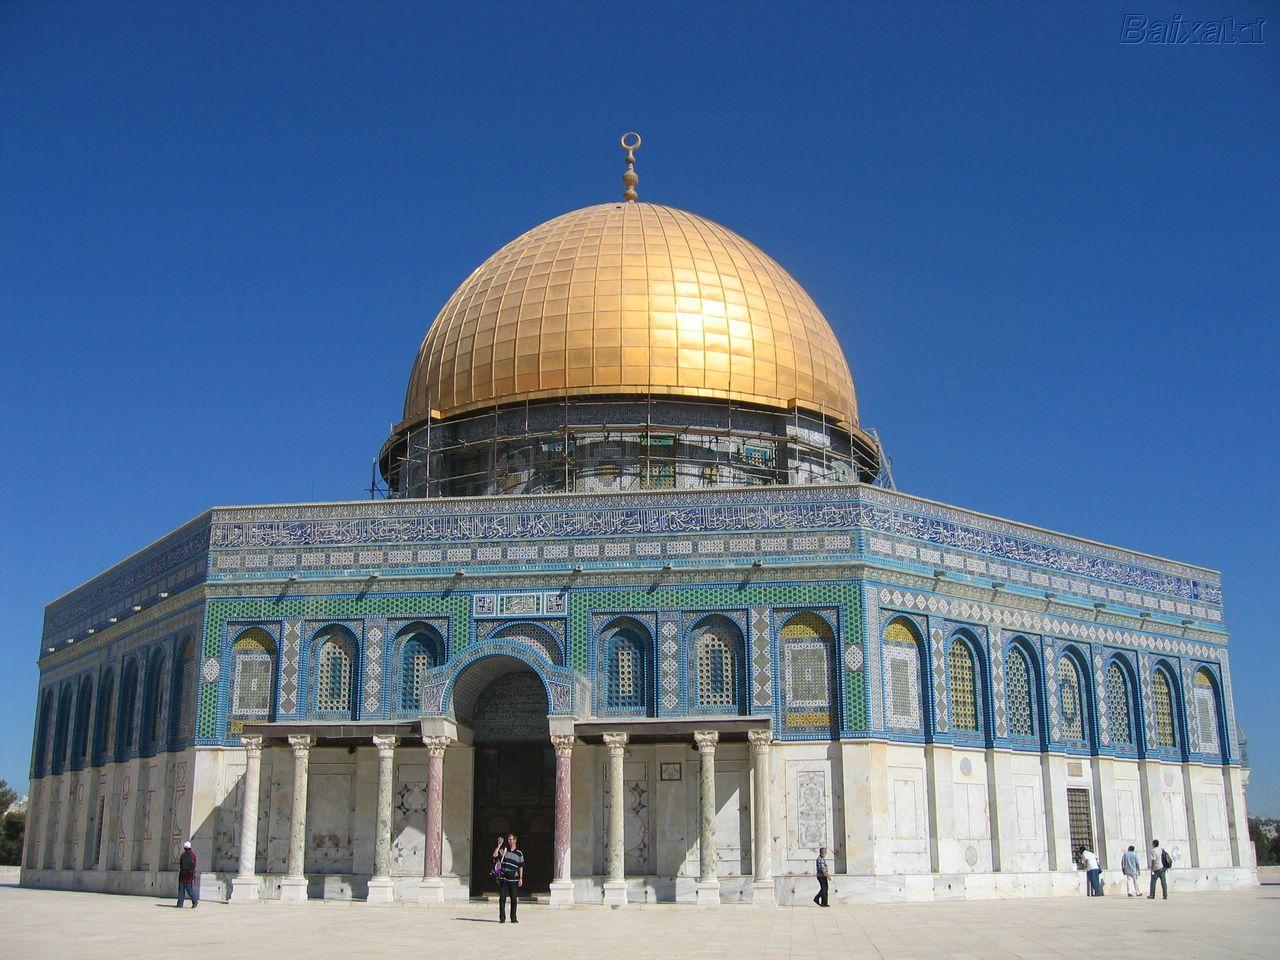 cool wallpapers masjid al aqsa